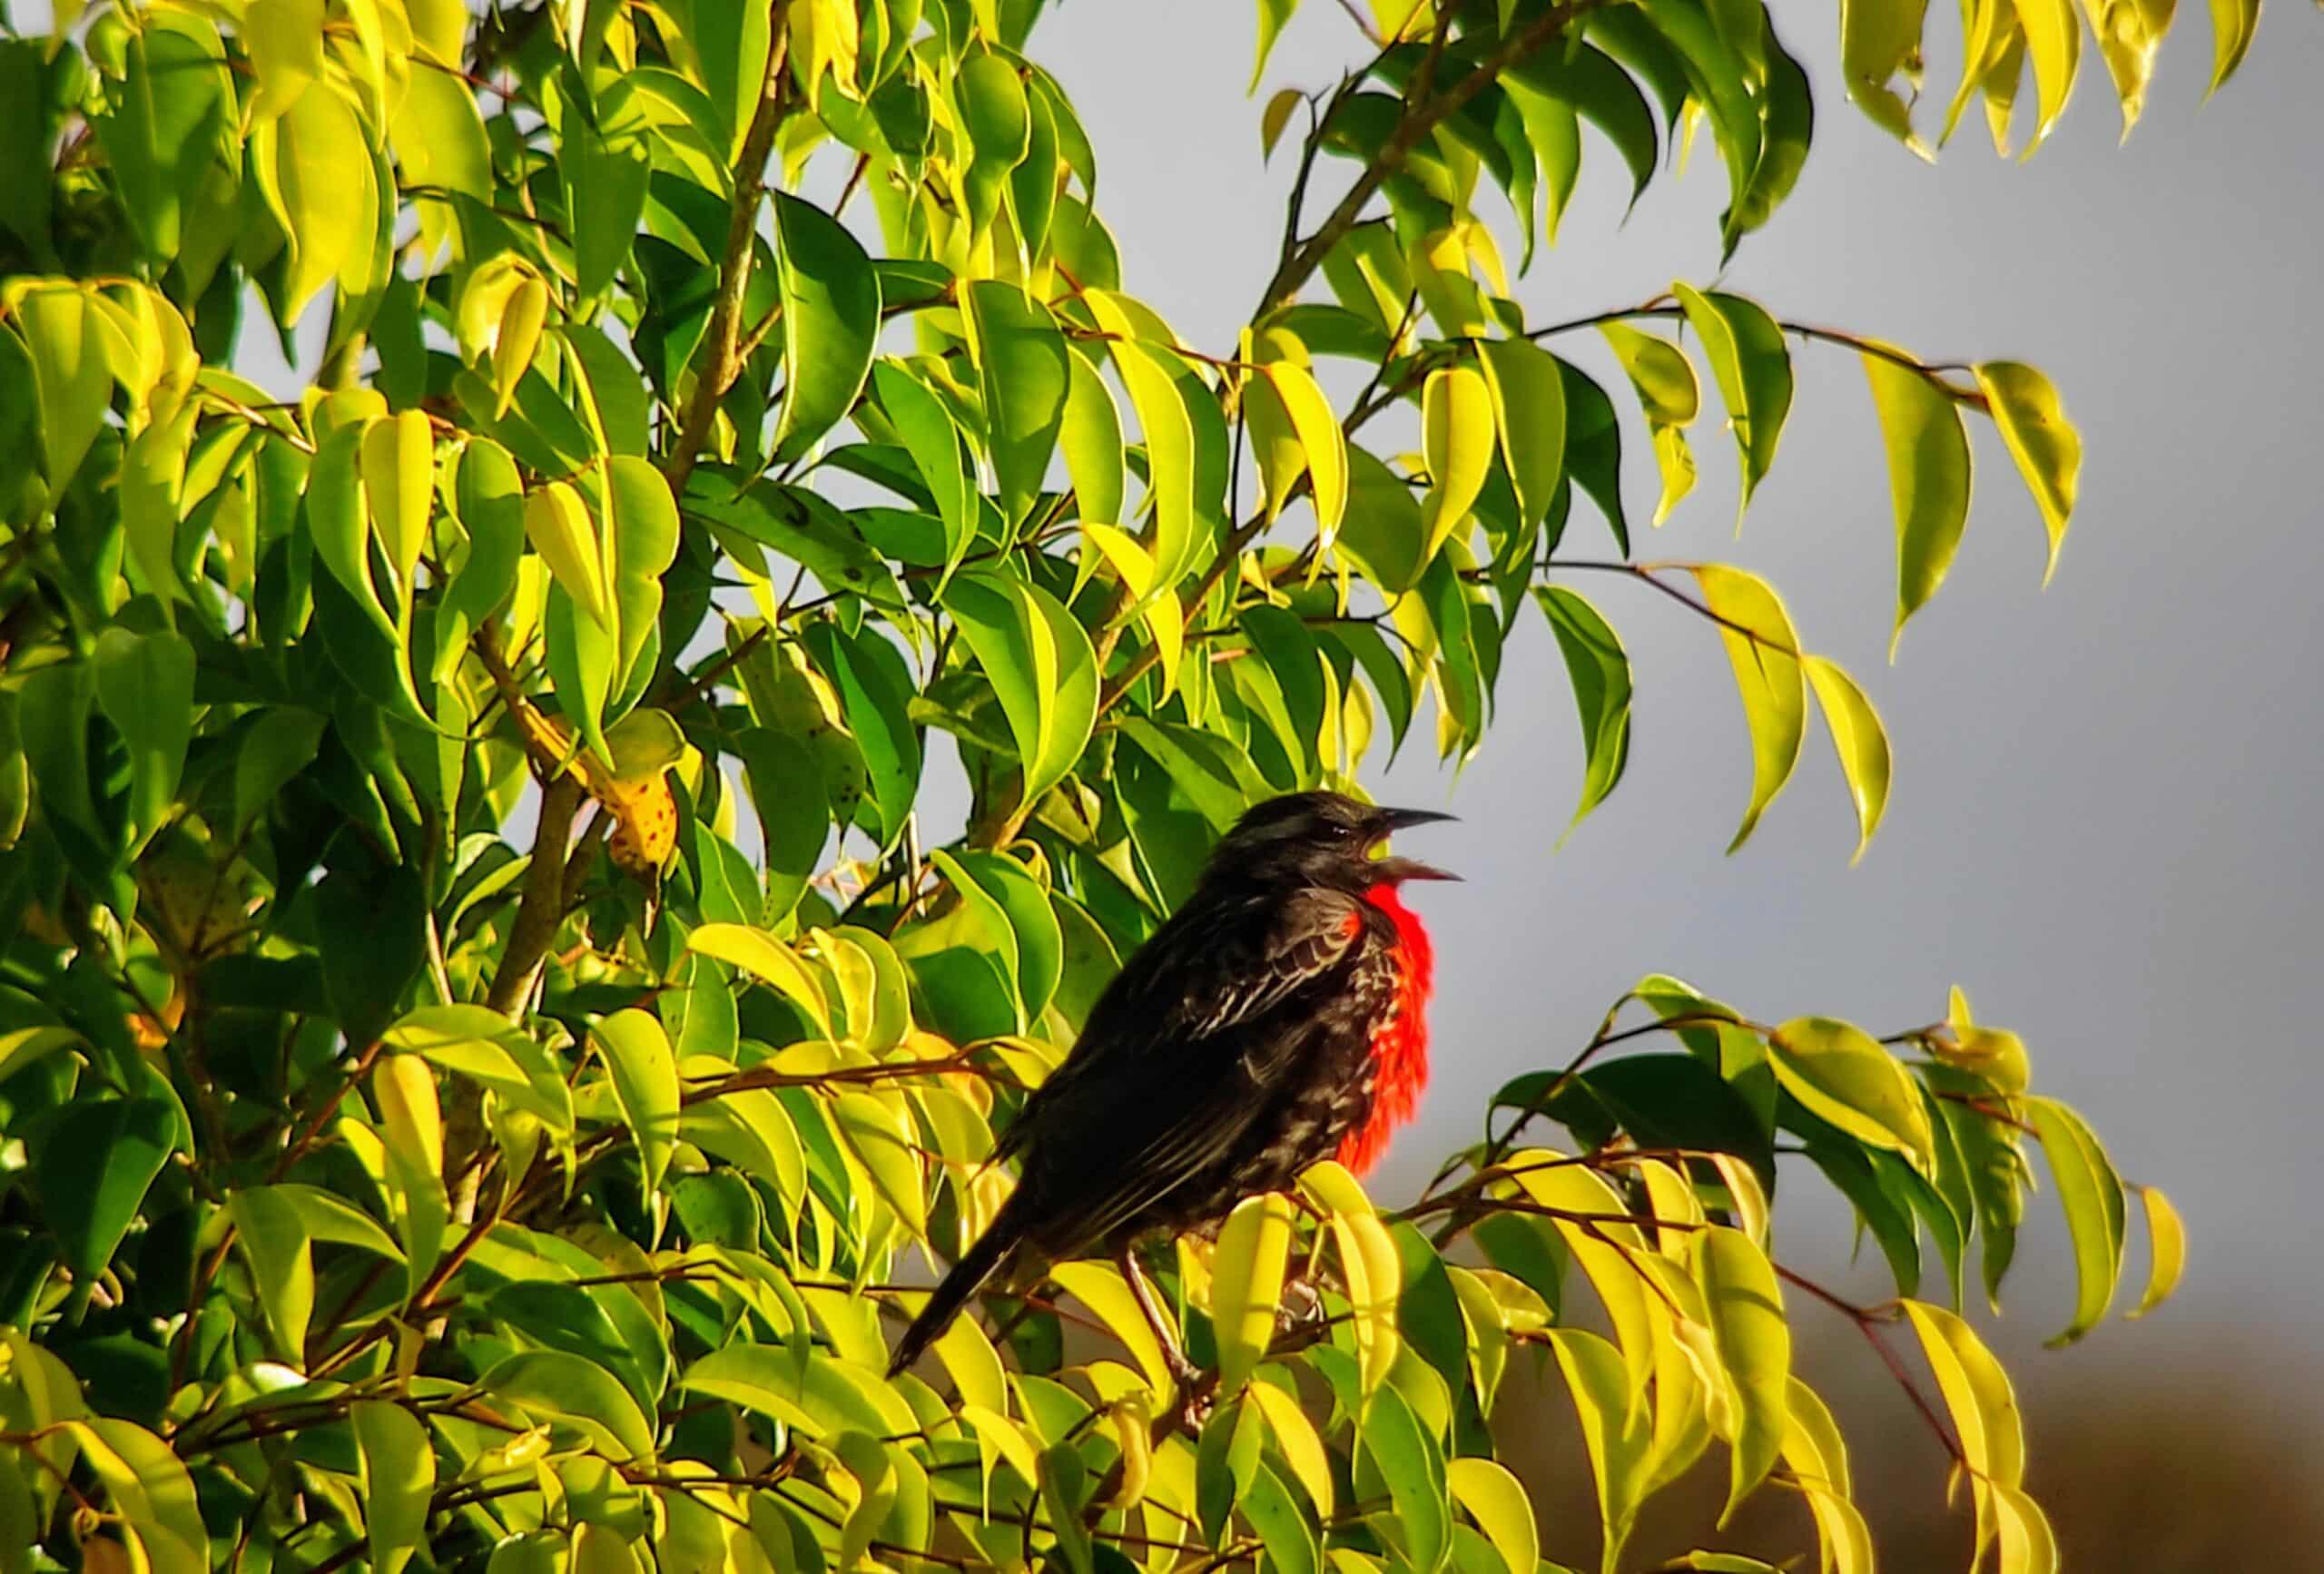 Red-breasted Meadowlark, Napo Province ©Jacqueline Granda